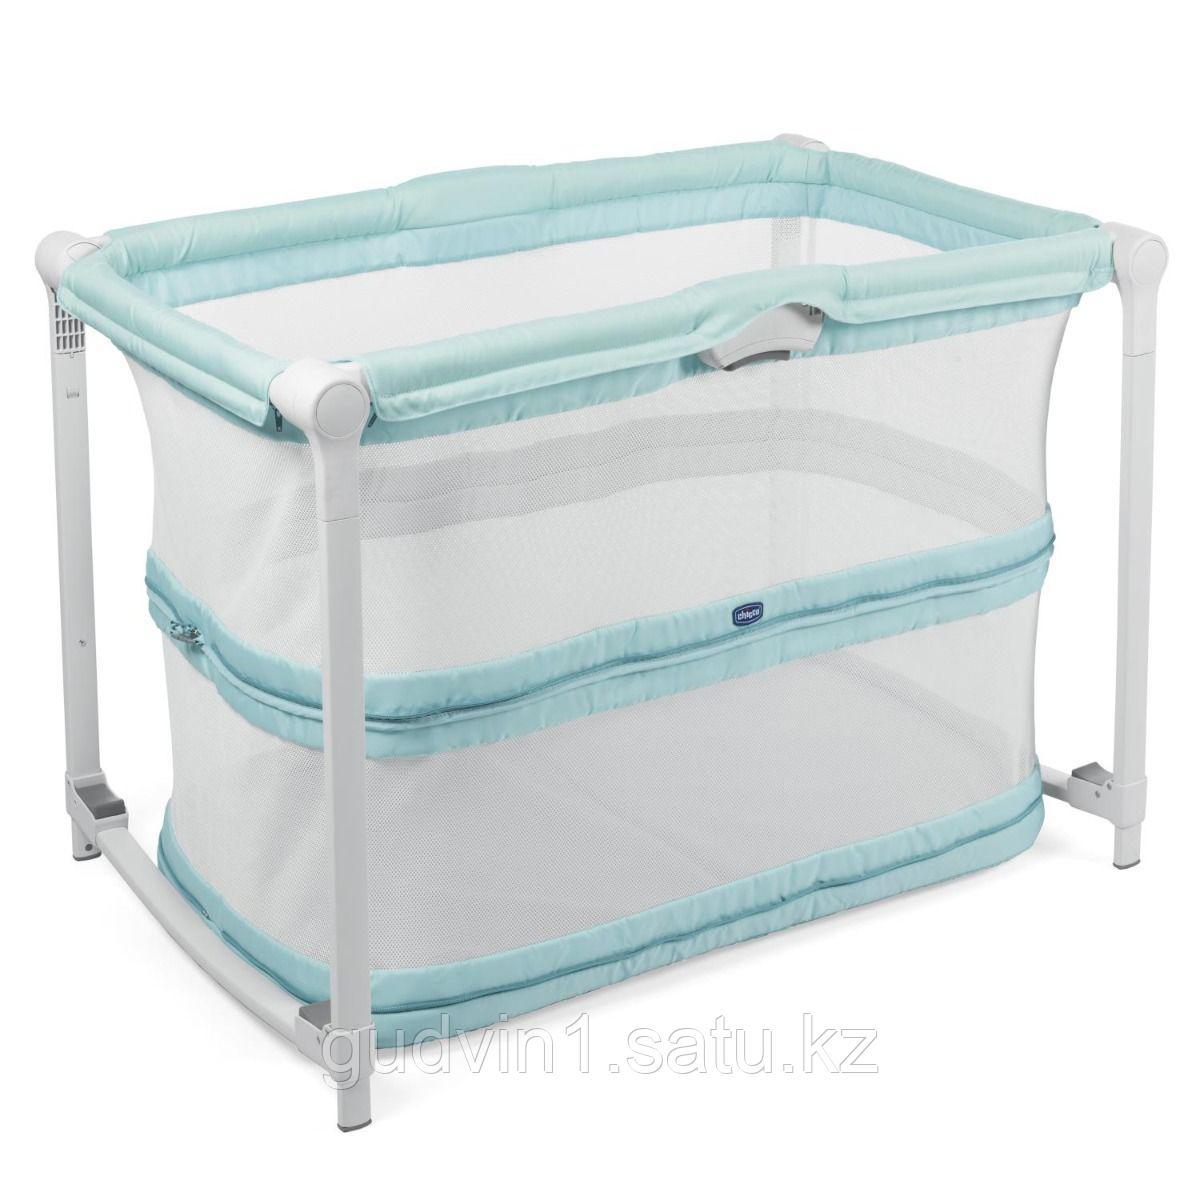 Chicco: Кроватка-манеж ZIP&GO Aquarelle 1025311